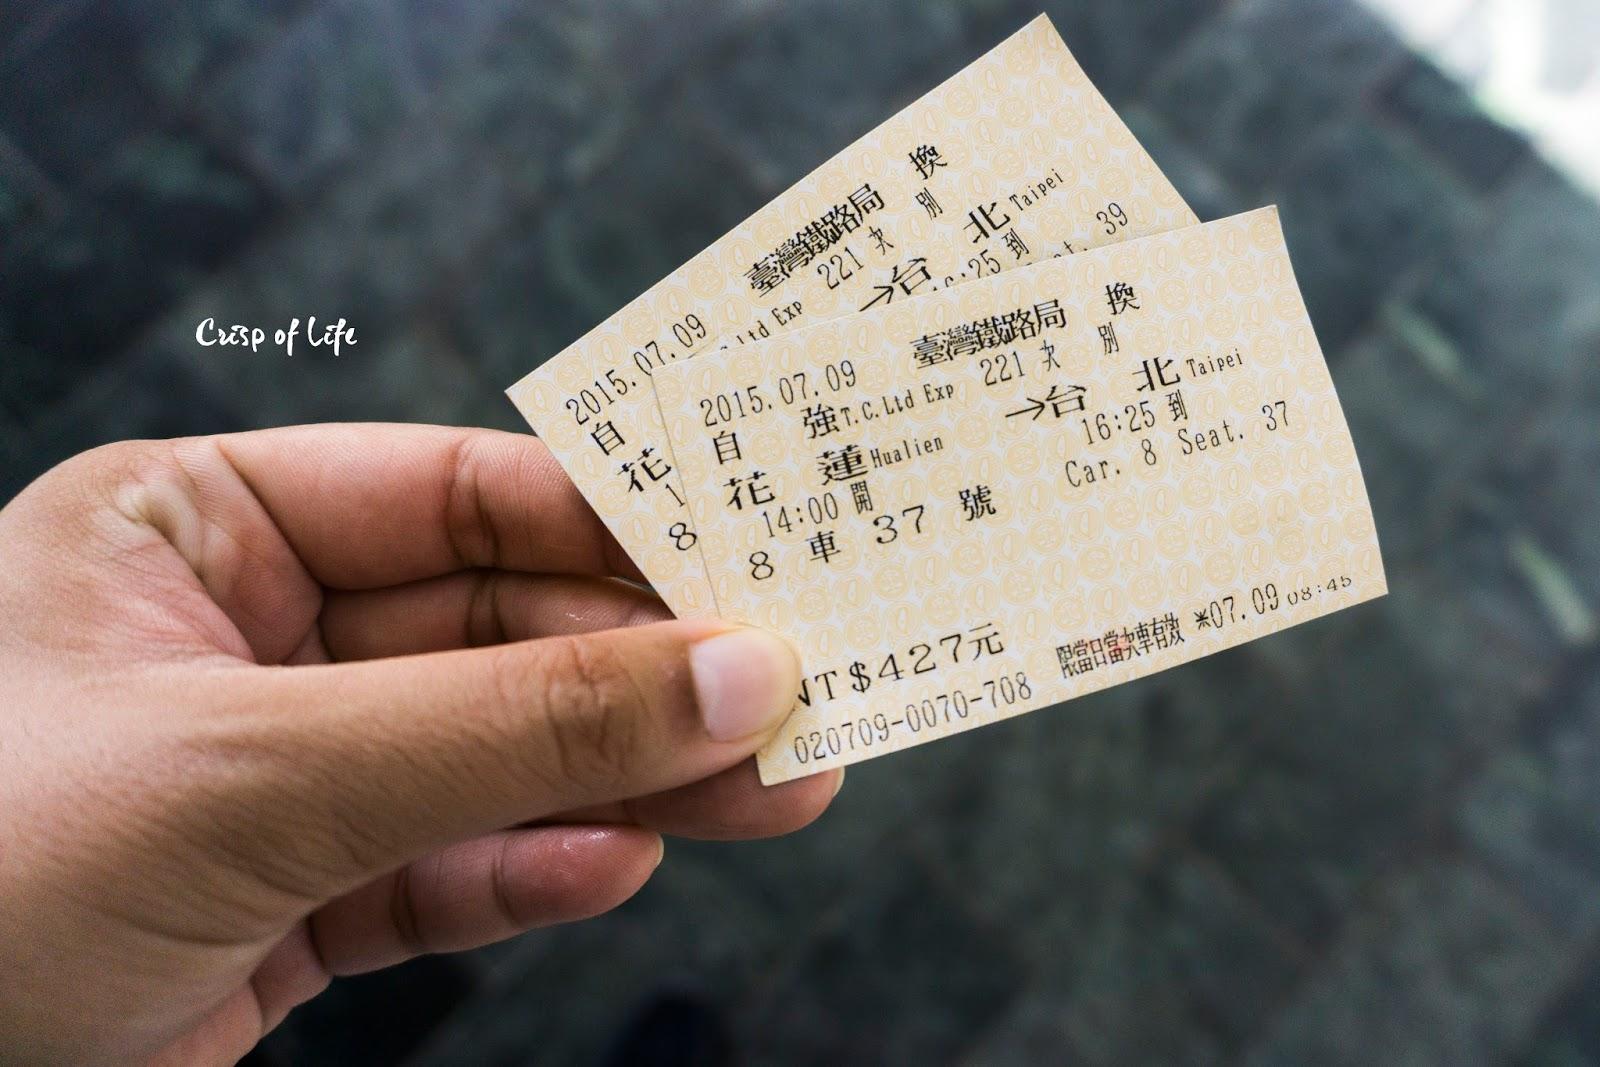 [HUALIEN 花莲] Day 7: Miss our scheduled train to Taipei 第七天:错失会台北的火车